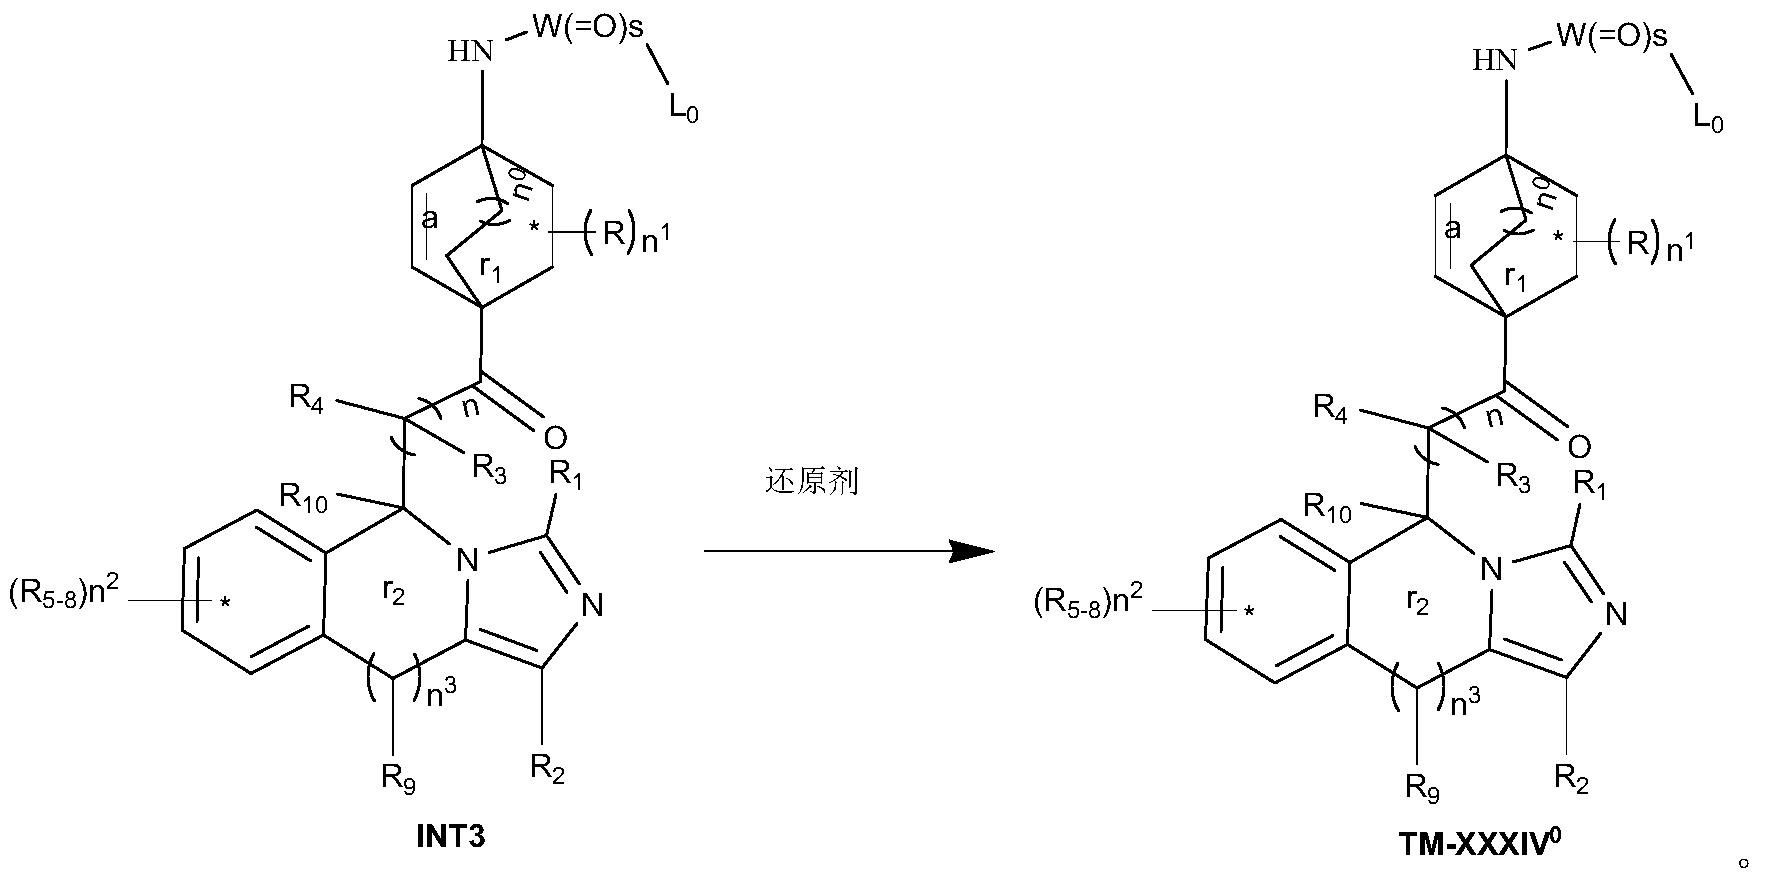 Figure PCTCN2017084604-appb-000068